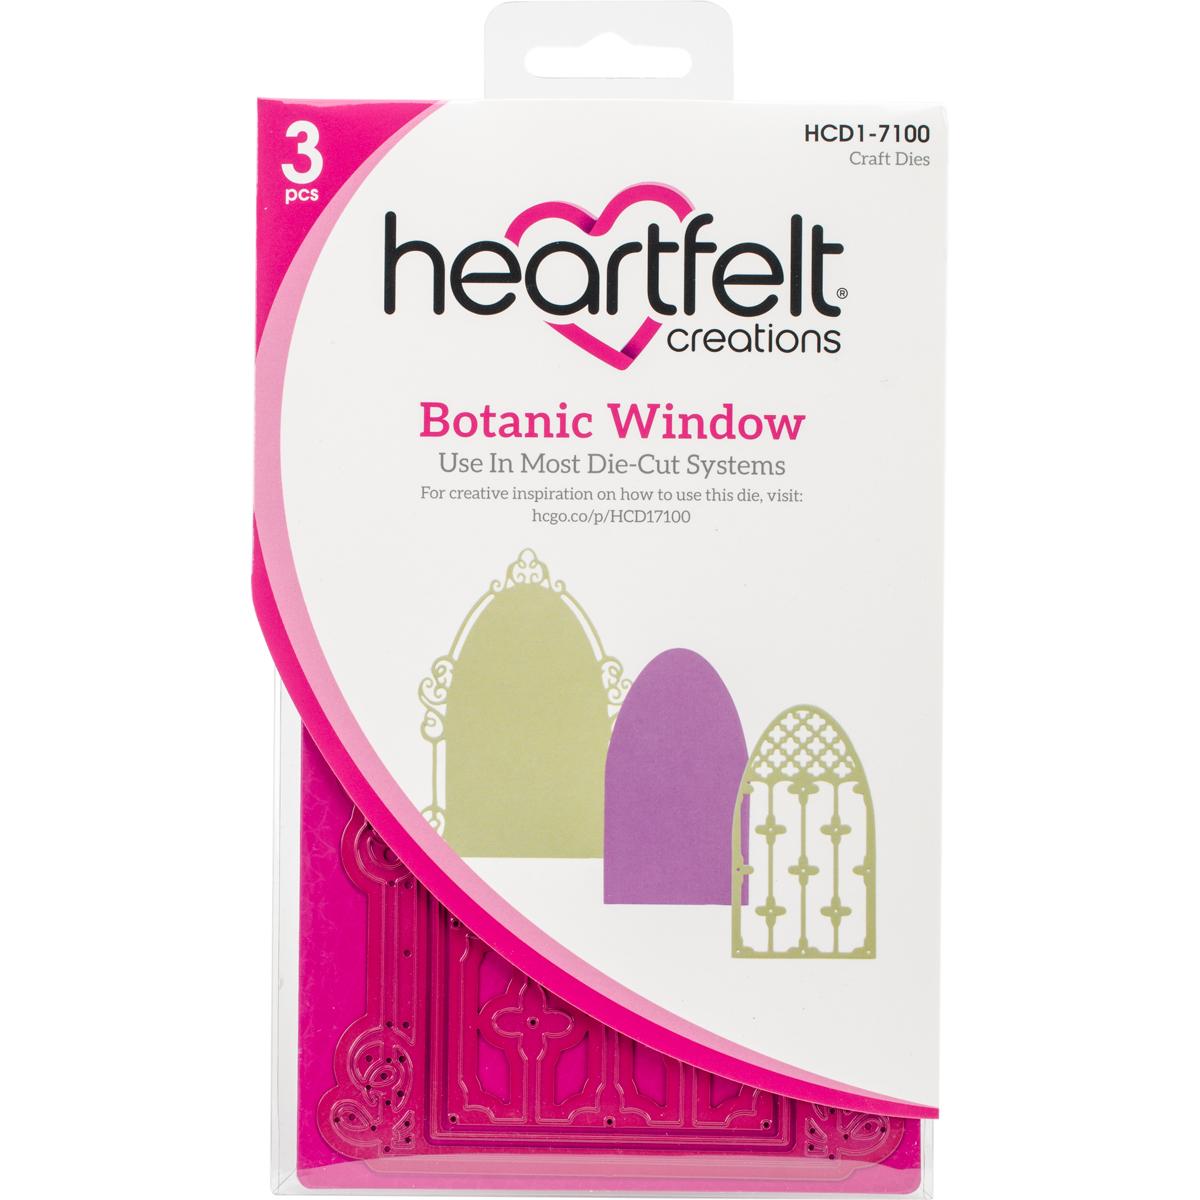 Hearfelt Creations Botanic Window die